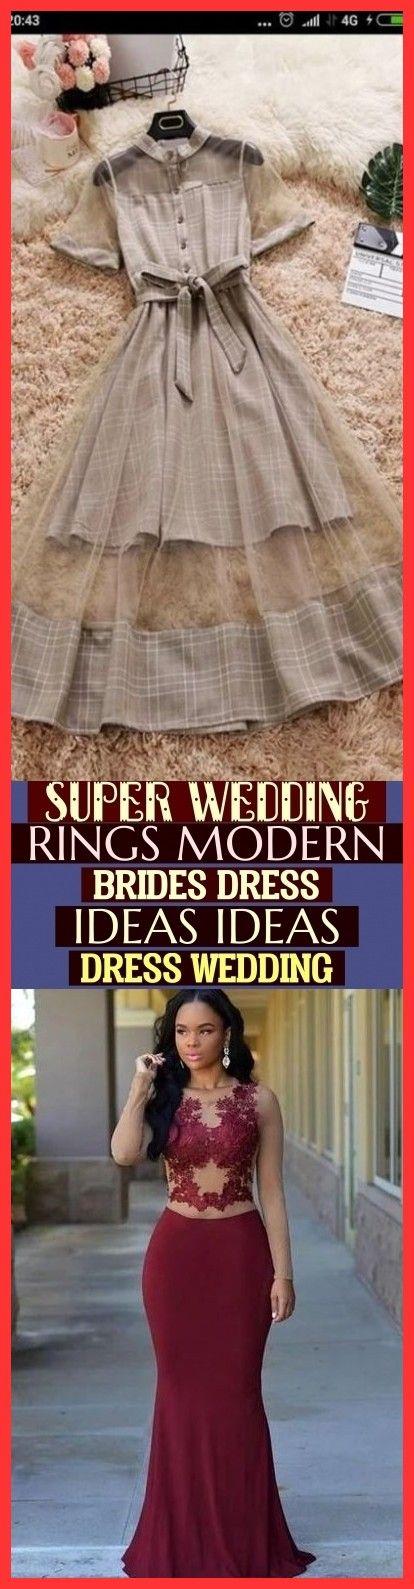 super hochzeit ringe moderne bräute kleid ideen ideen kleid hochzeit - Super Wedding Rings Modern Brides Dress Ideas Ideas Dress Wedding